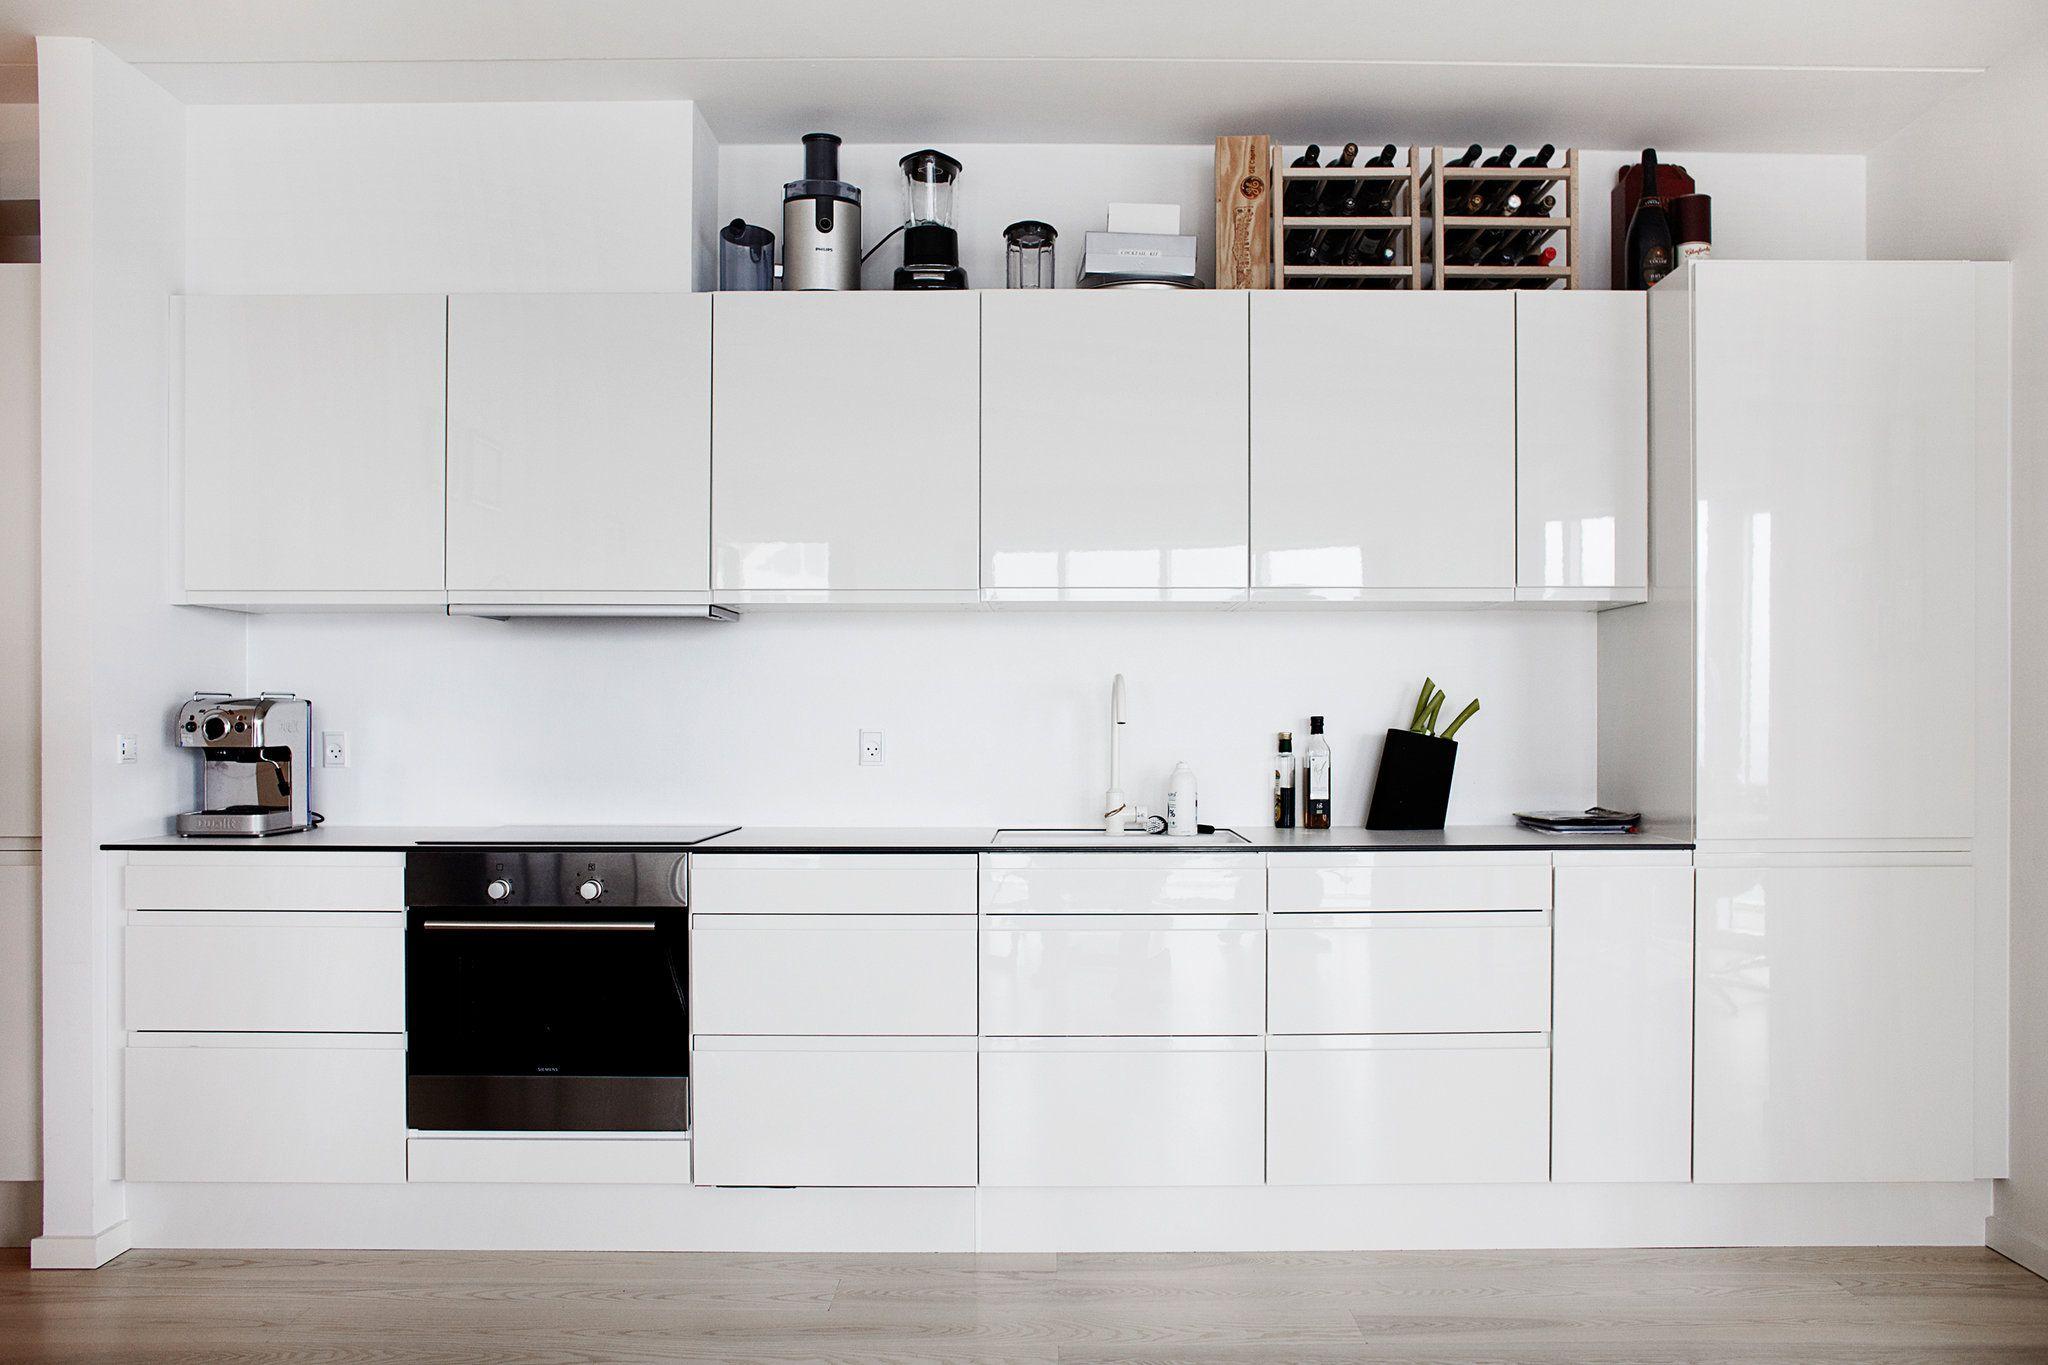 i-keittiö - Google-haku | Keittiö / kitchen | Pinterest ...